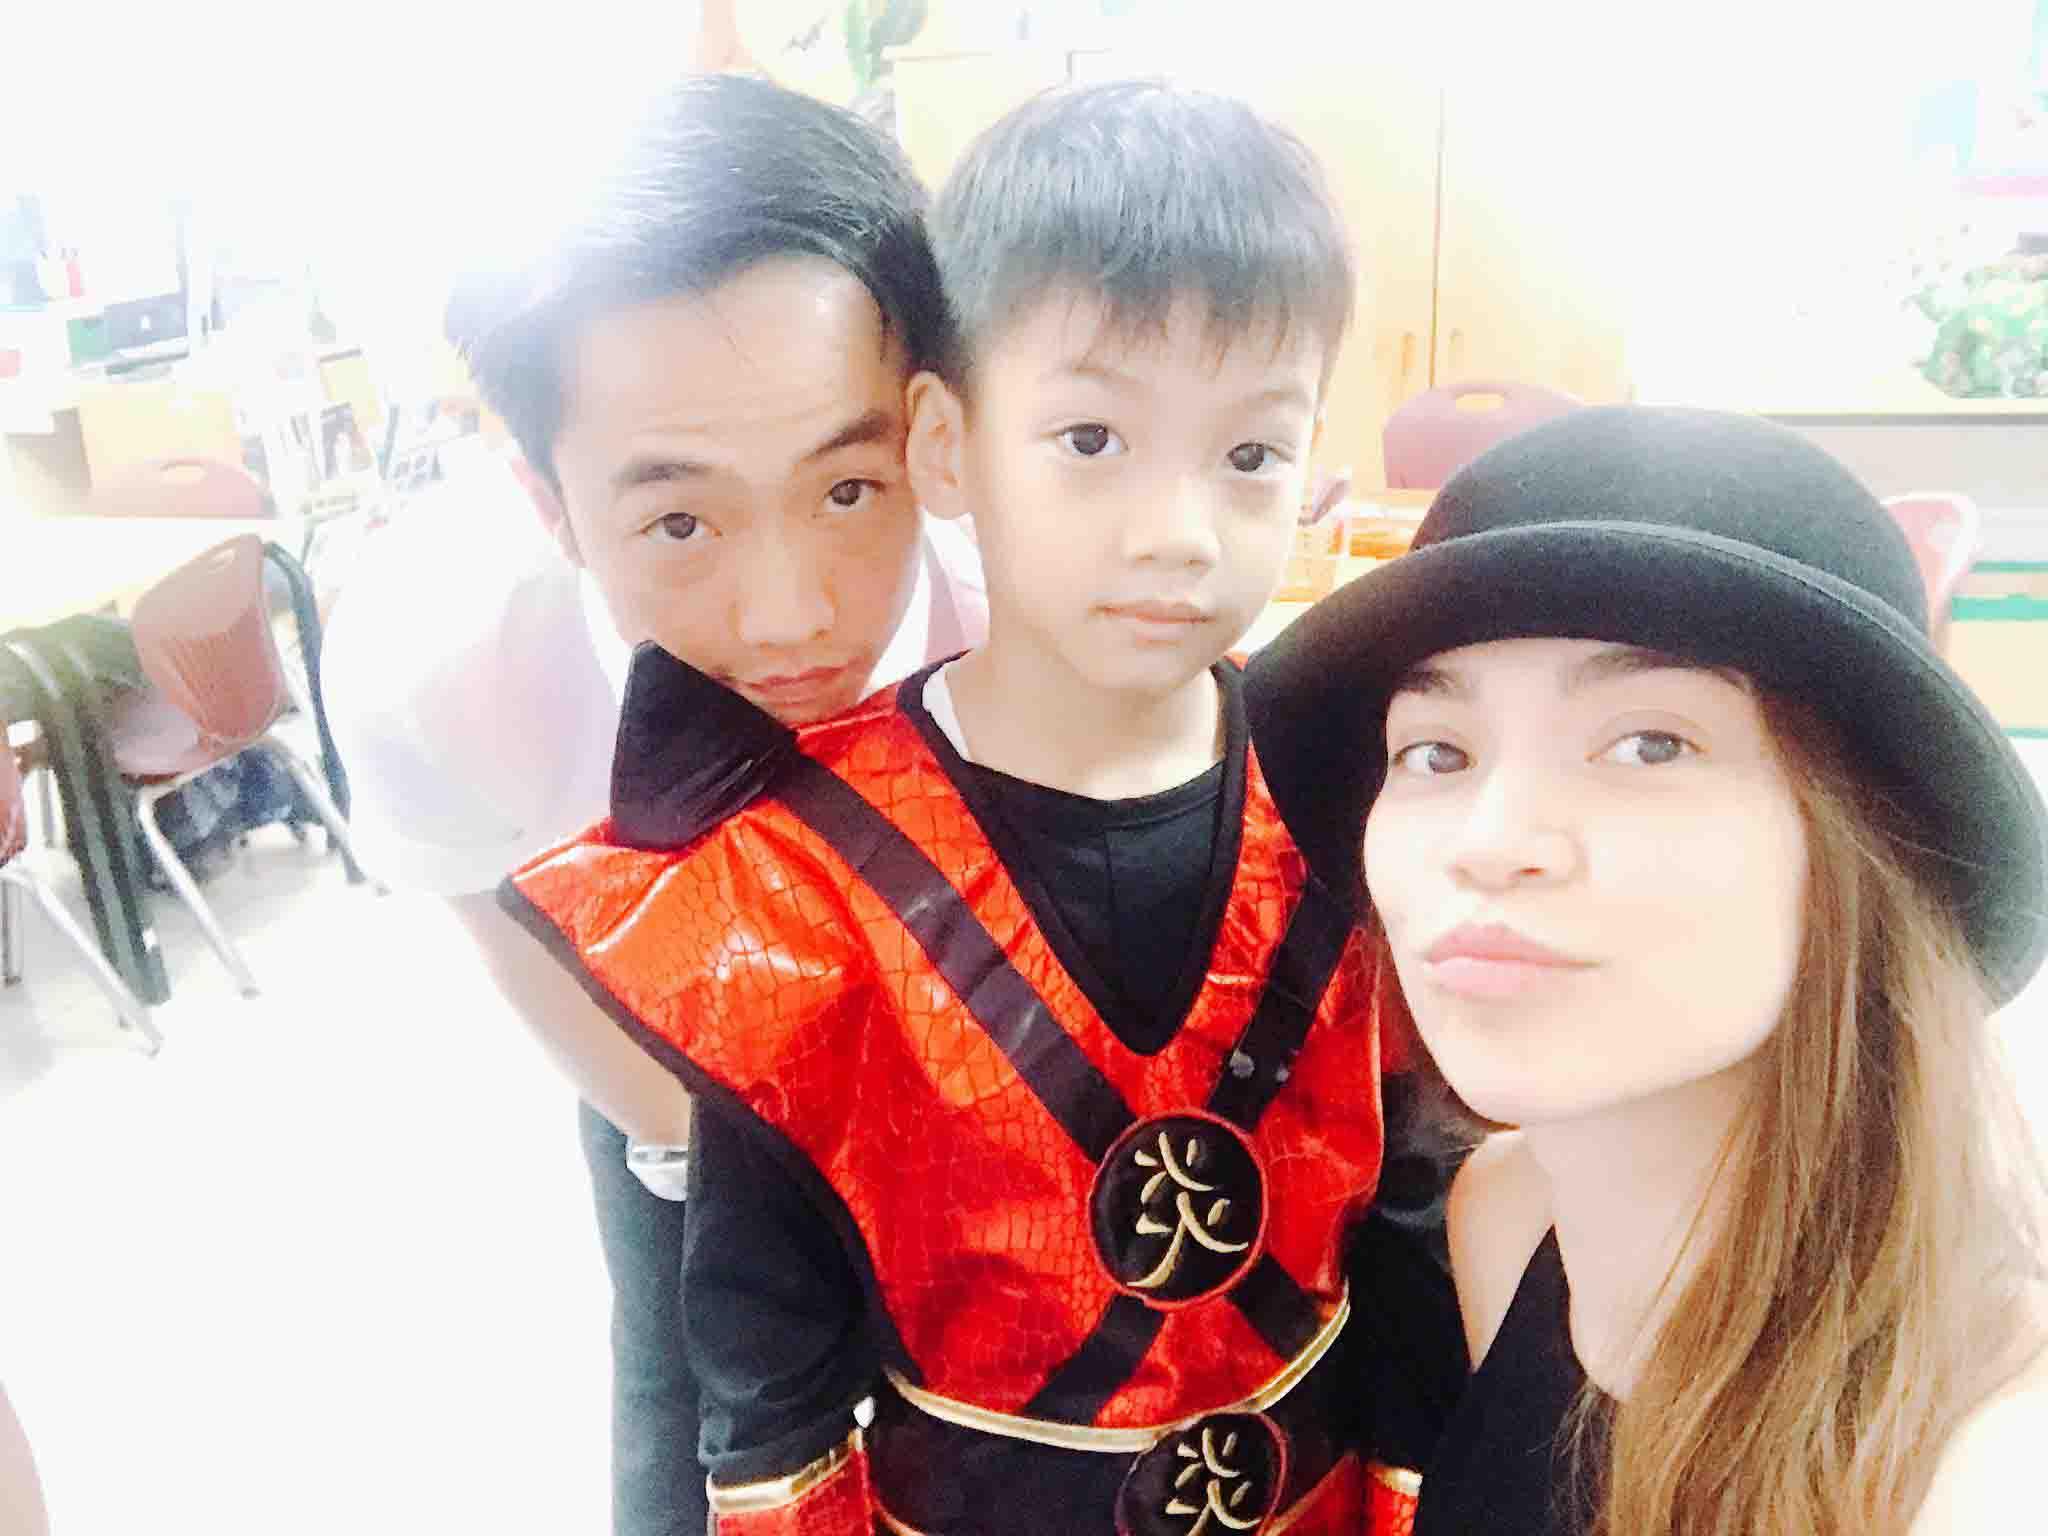 Ly hôn những vẫn giữ quan hệ thân thiết, đây là những đôi tri kỷ kì lạ nhất showbiz Việt - Ảnh 4